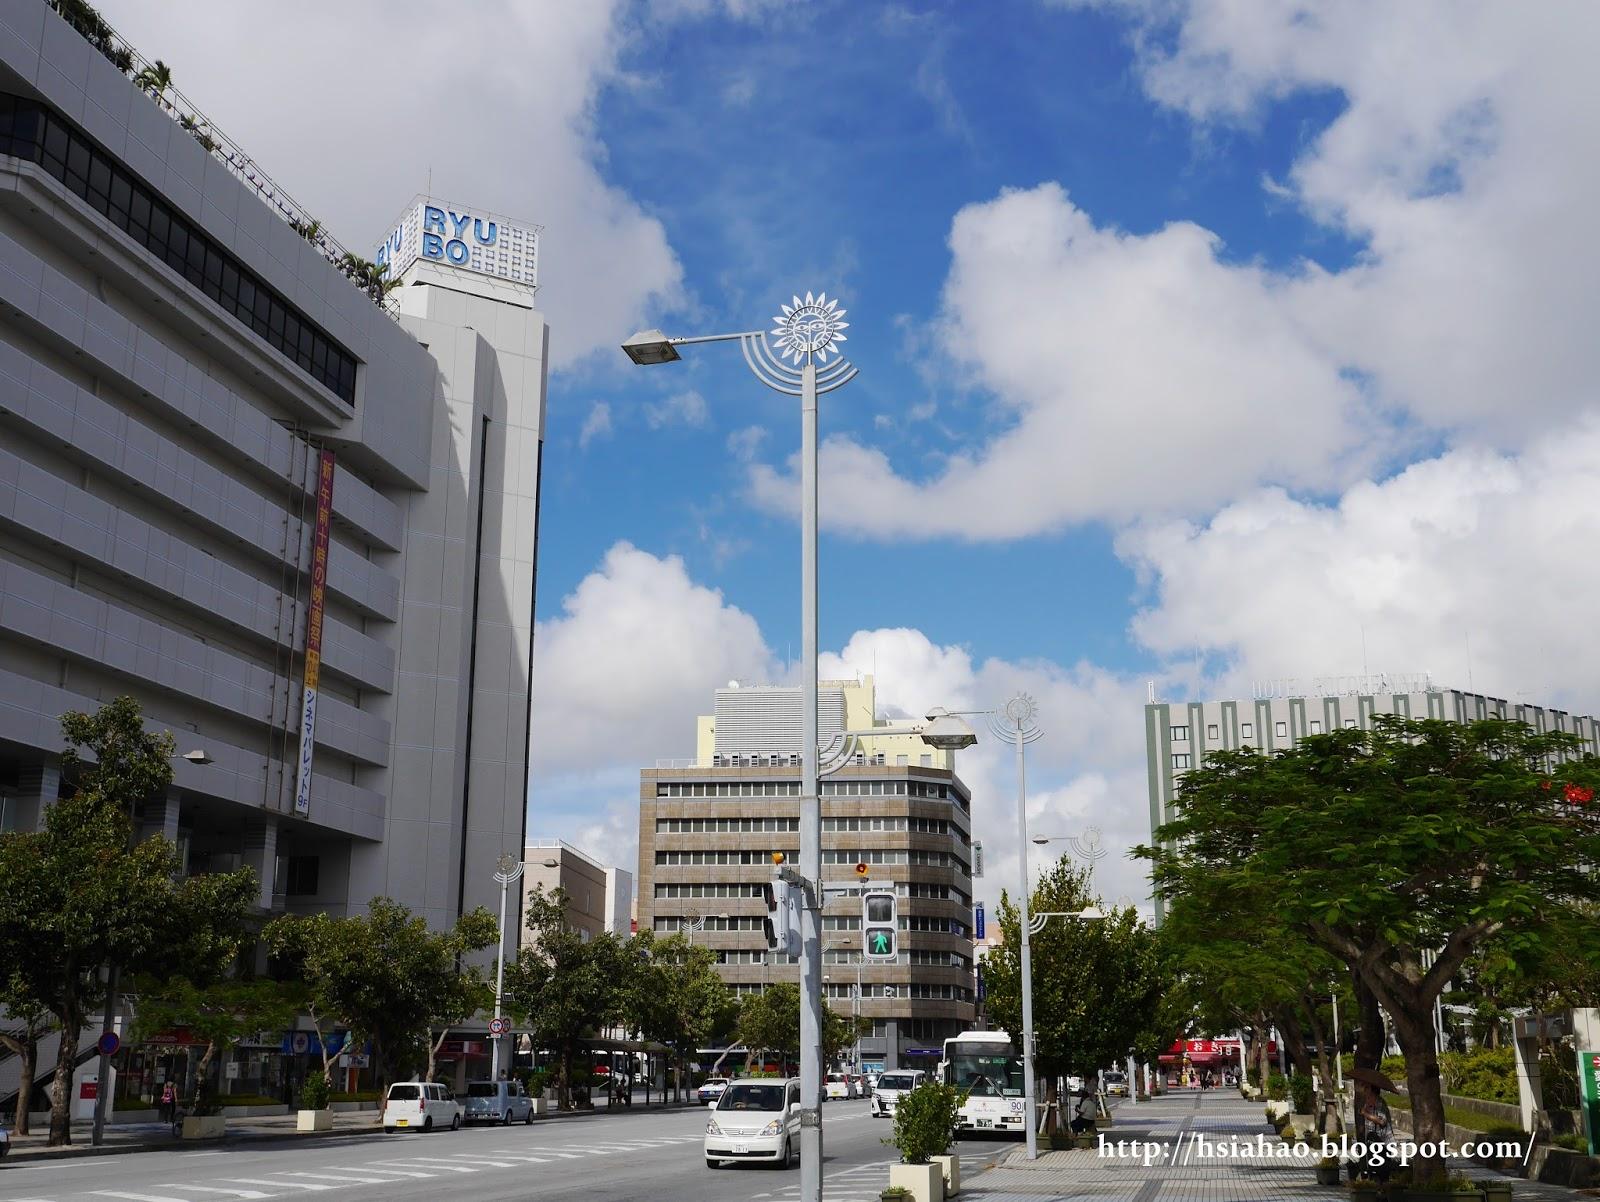 沖繩-縣廳前-ryubo-國際通-逛街-購物-國際通景點-自由行-Okinawa-kokusaidori